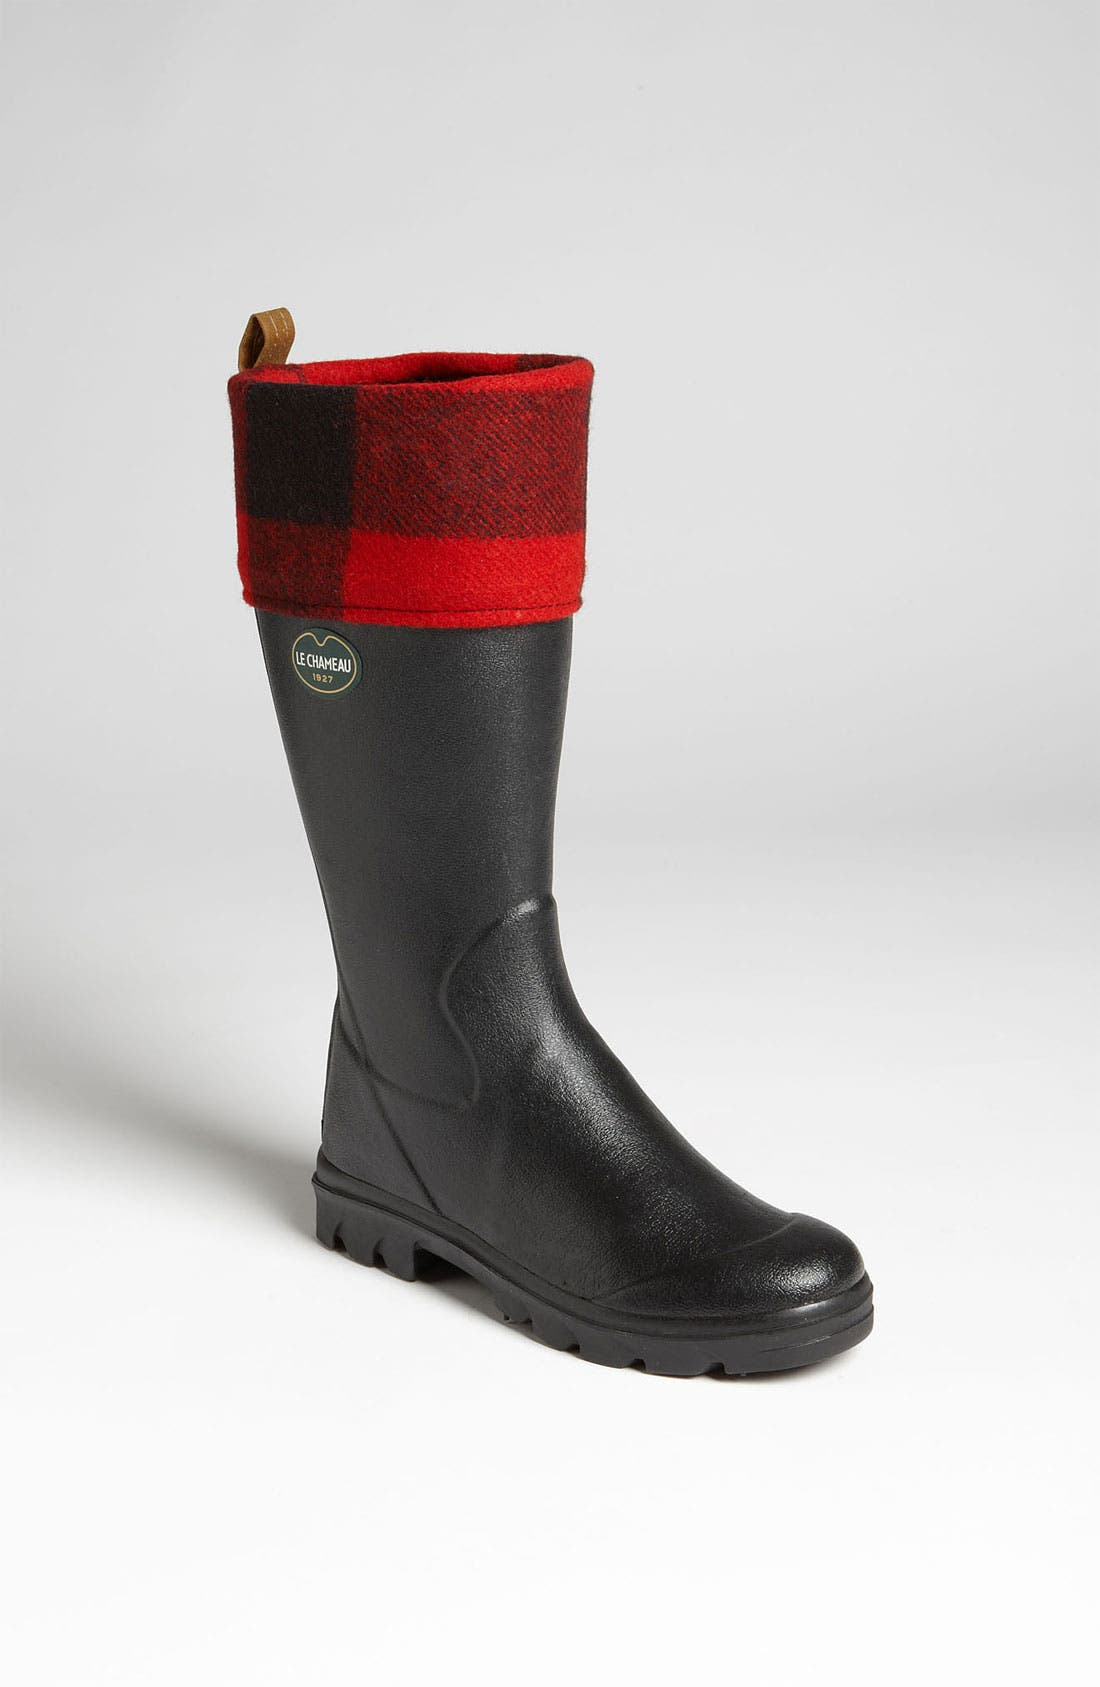 Main Image - Le Chameau 'Filson Anjou' Rain Boot (Women)